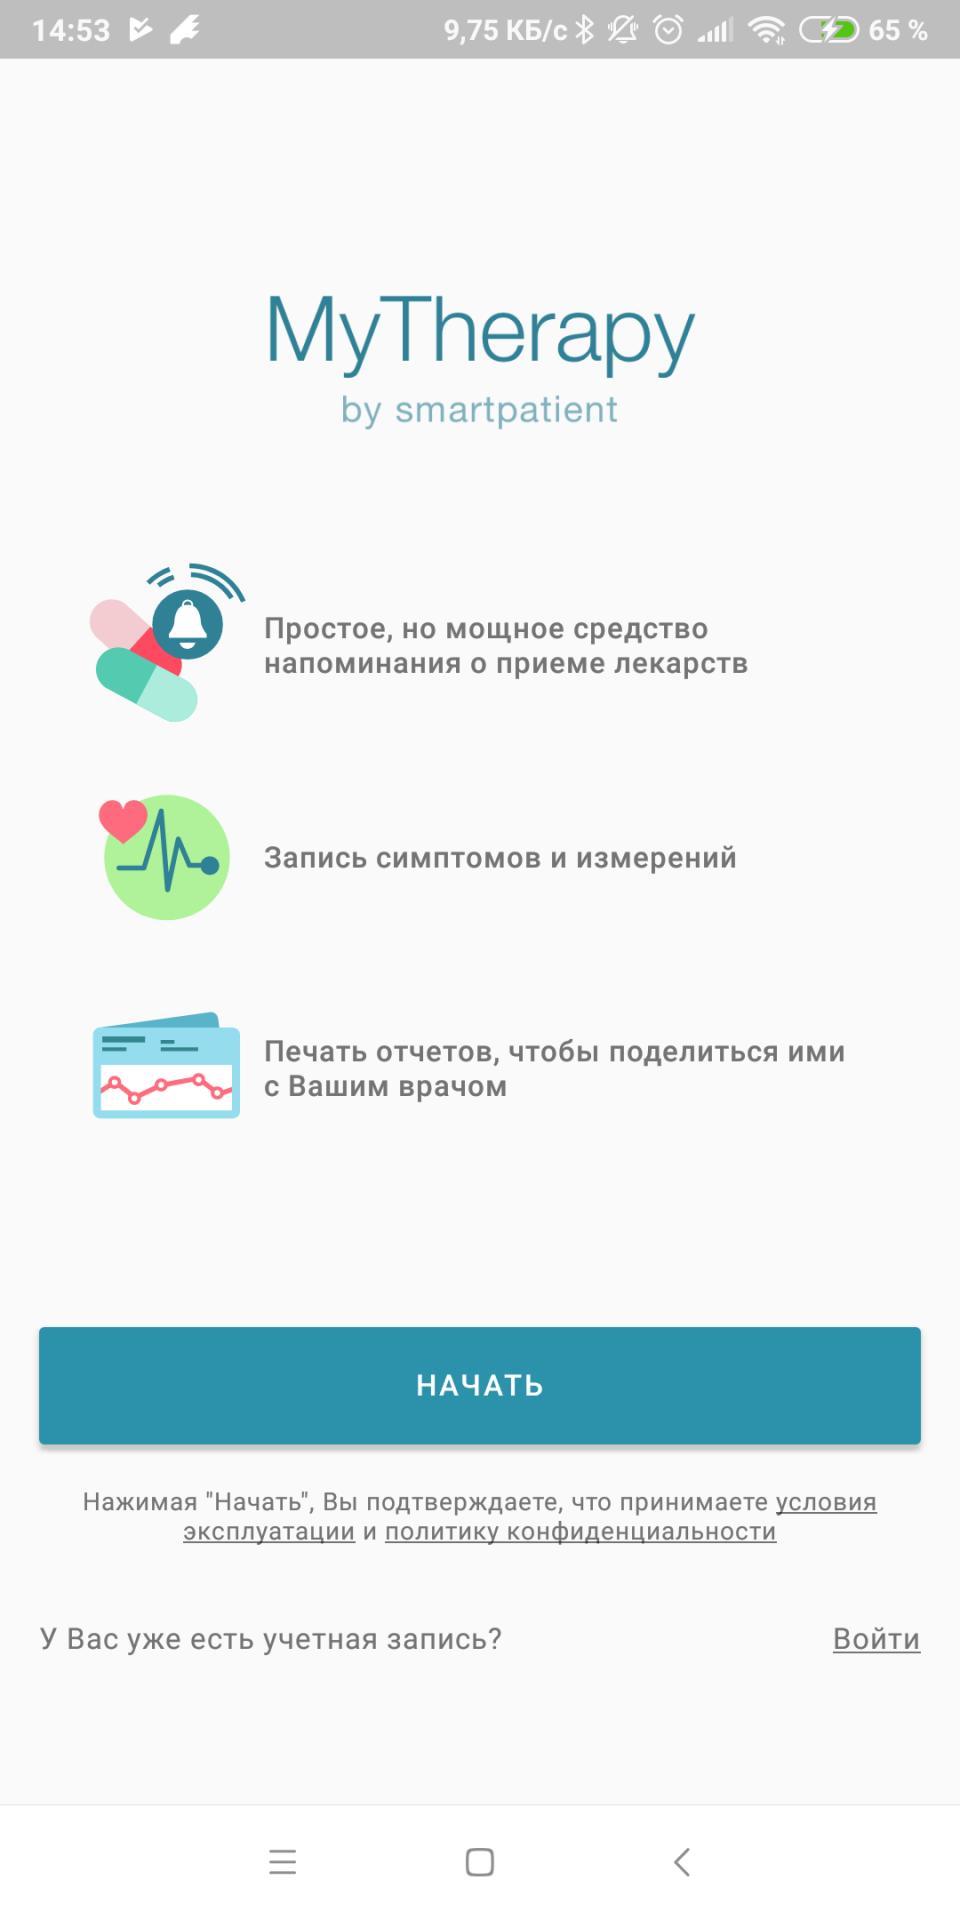 MyTherapy — приложение для отслеживания приёма лекарств